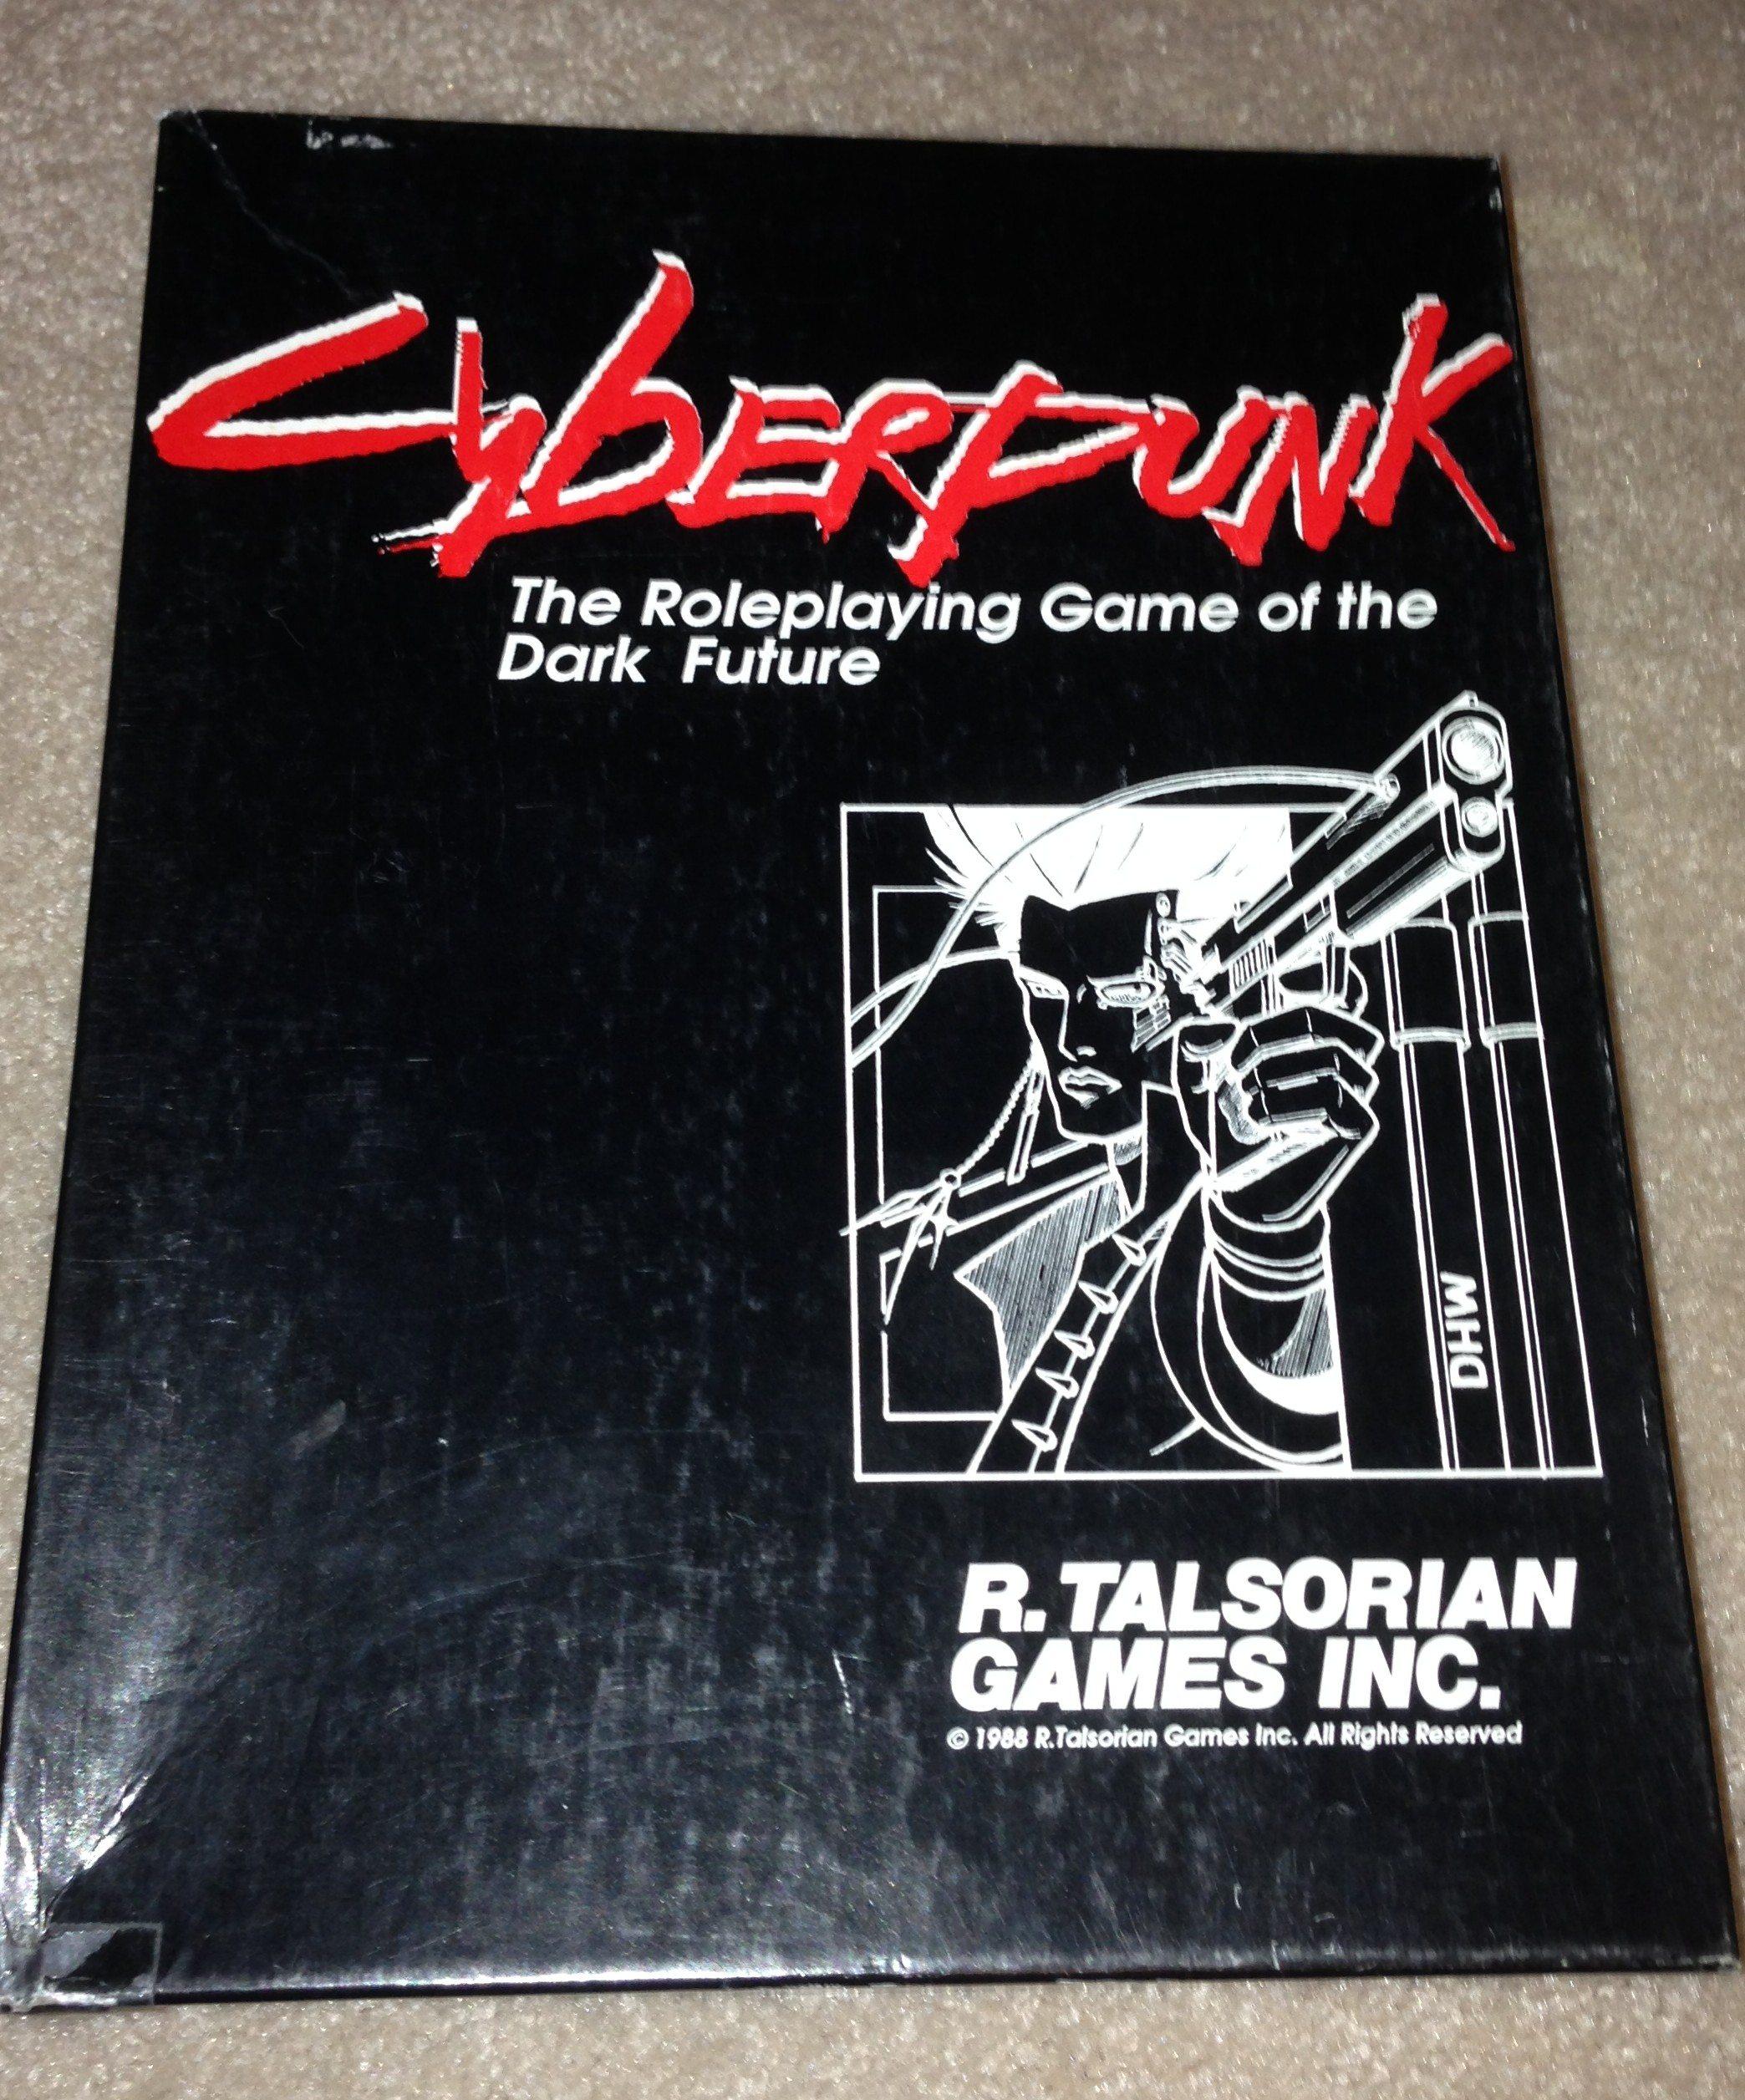 GeekDad Retro Gaming: Cyberpunk by R  Talsorian Games, Inc  - GeekDad